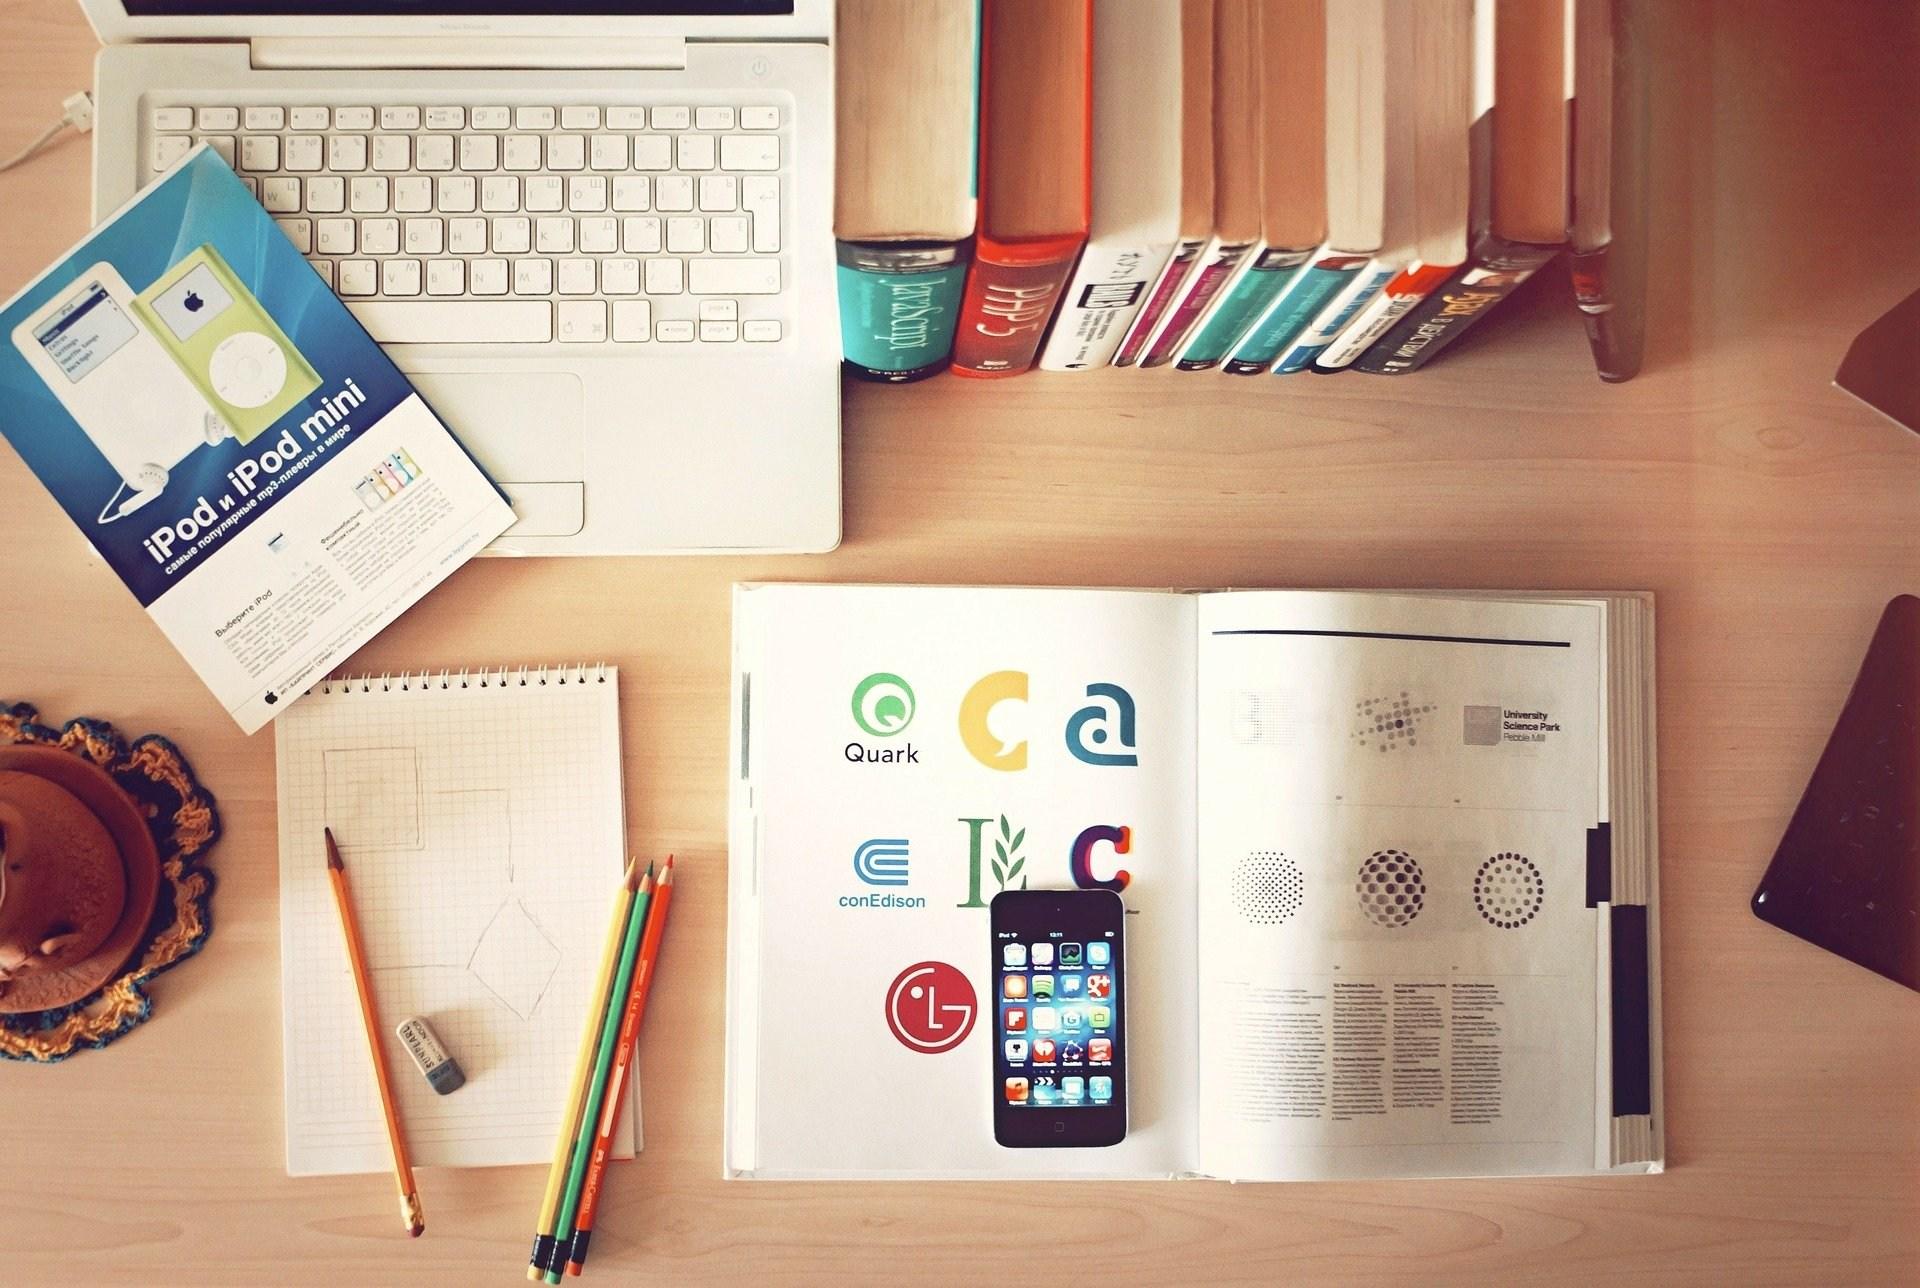 儘管在知識管理文獻中,基於「共識」的社會秩序觀點寫成的文獻佔大多數,而以「異議」的社會秩序觀點為基礎的文獻卻絕無僅有。(Pixabay)